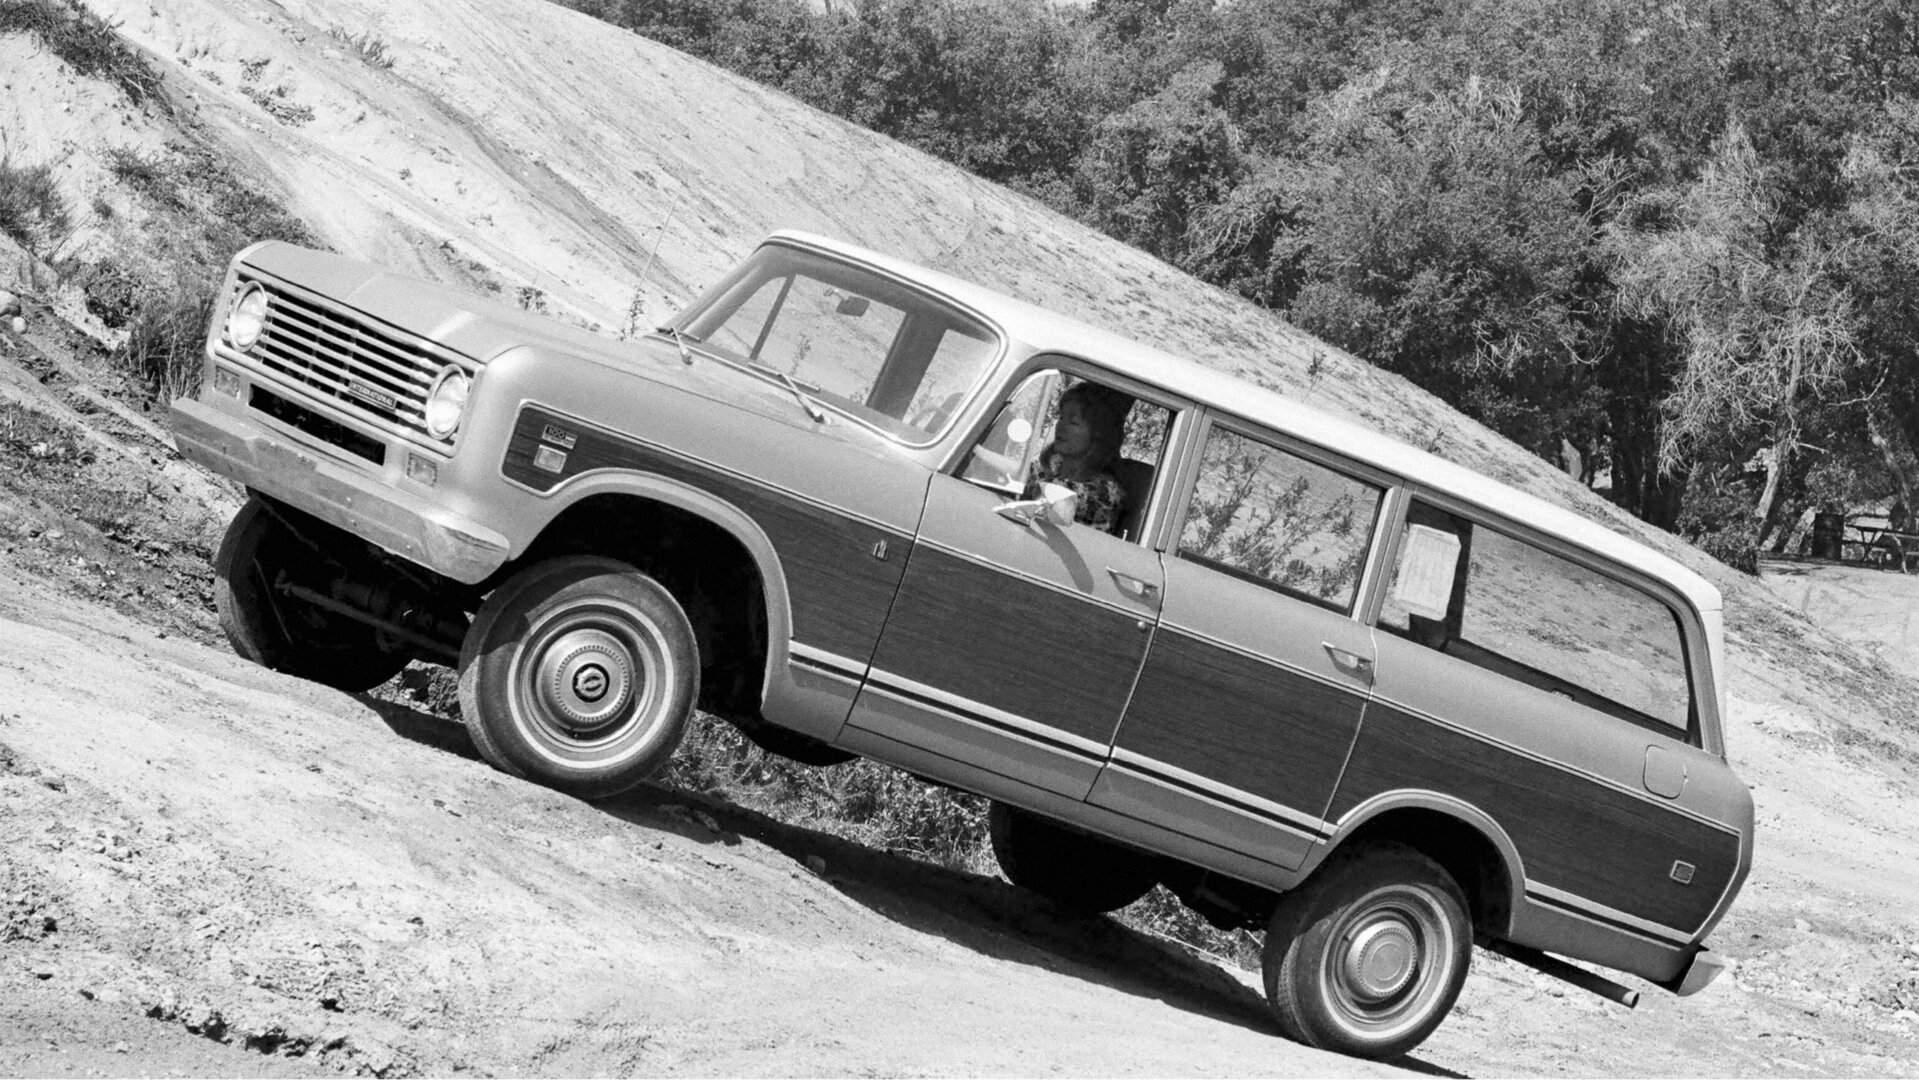 1974 International Harvester D 100 Travelall 1